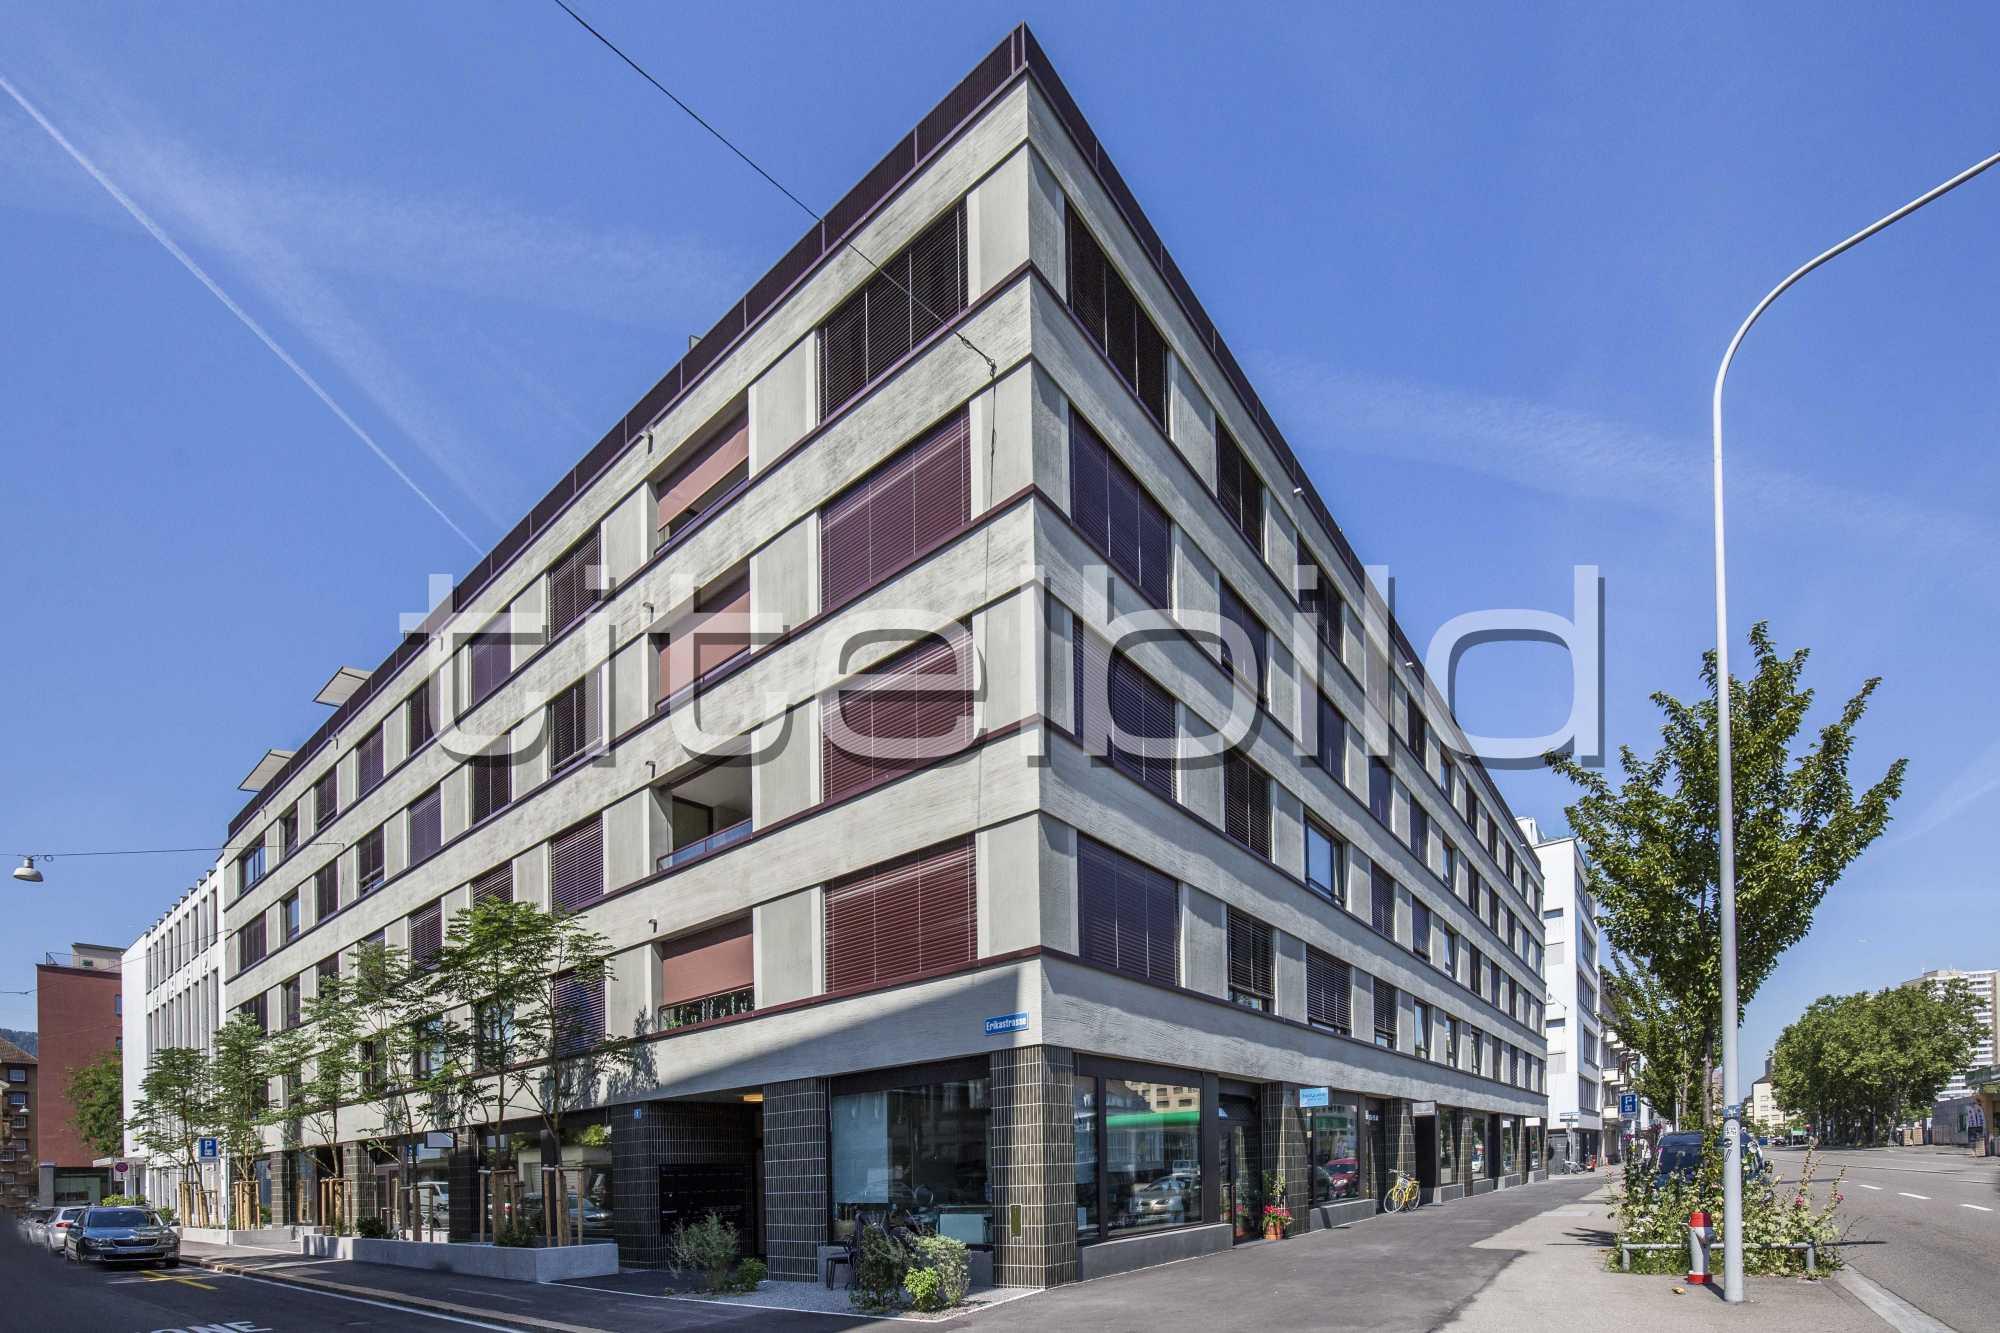 Projektbild-Nr. 4: Ersatzneubau Erikastrasse, Zürich